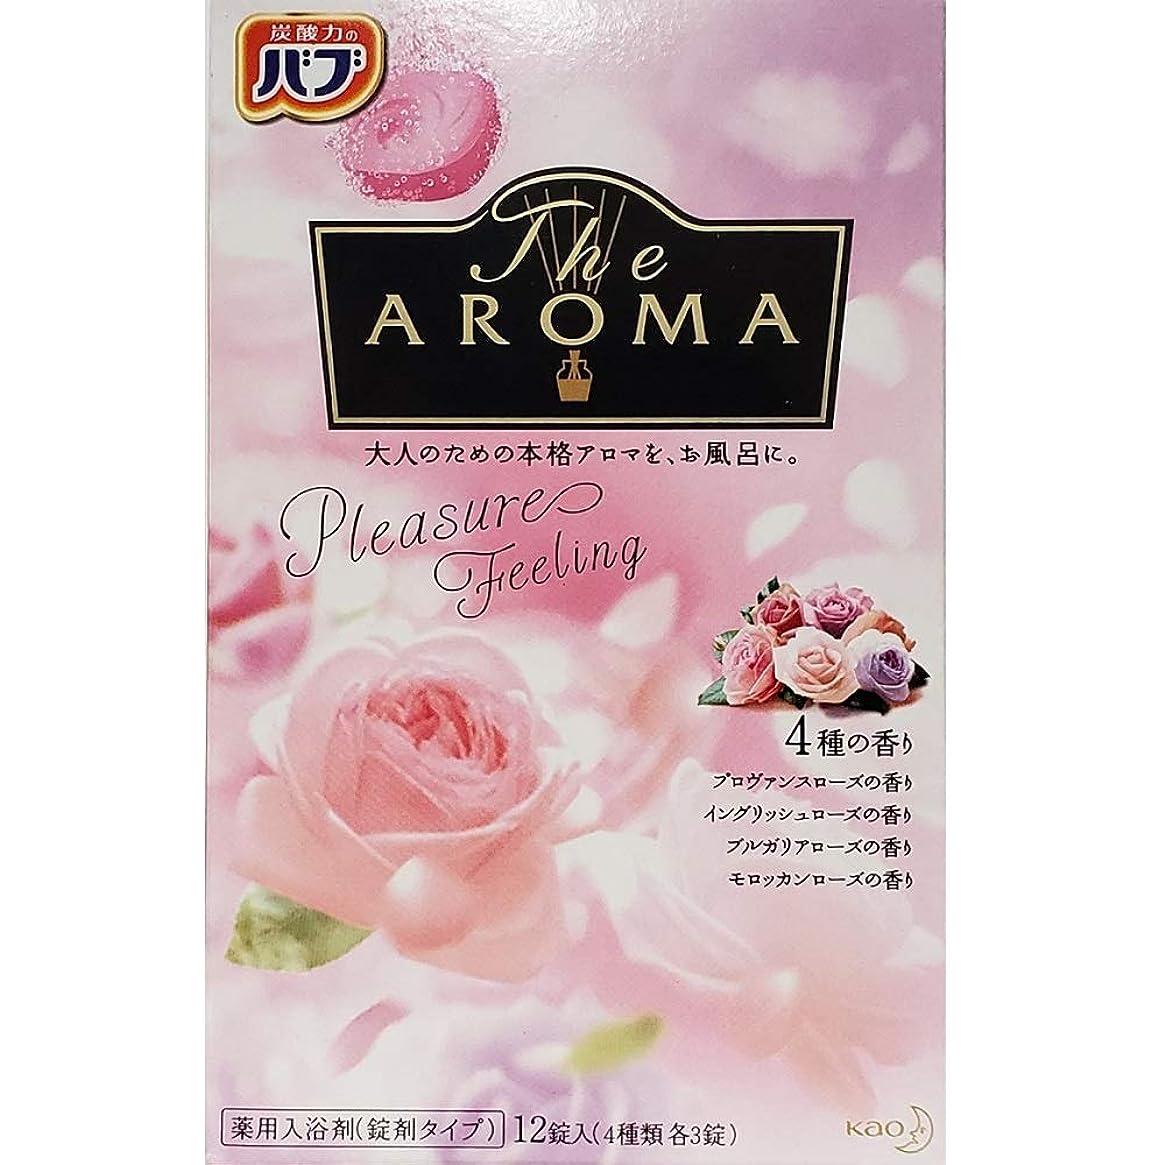 校長ありがたい時系列バブ The Aroma Pleasure Feeling 40g×12錠(4種類 各3錠) 医薬部外品